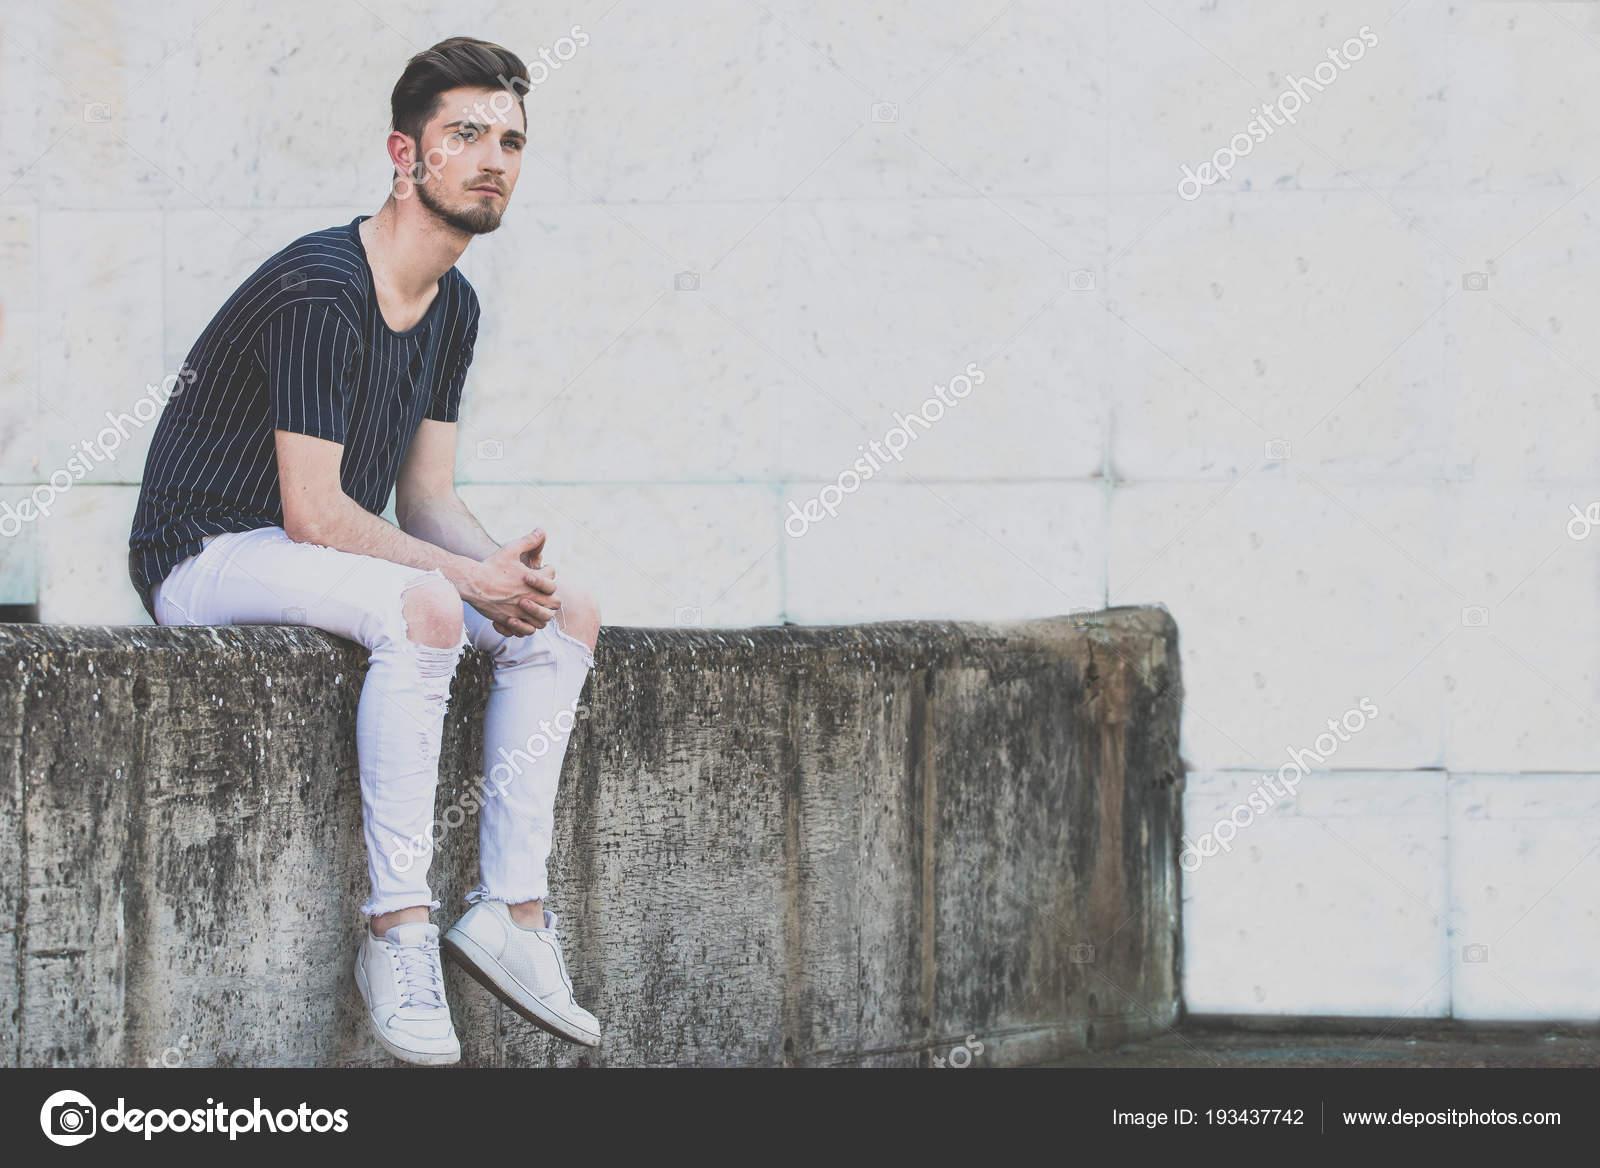 sitting on a man